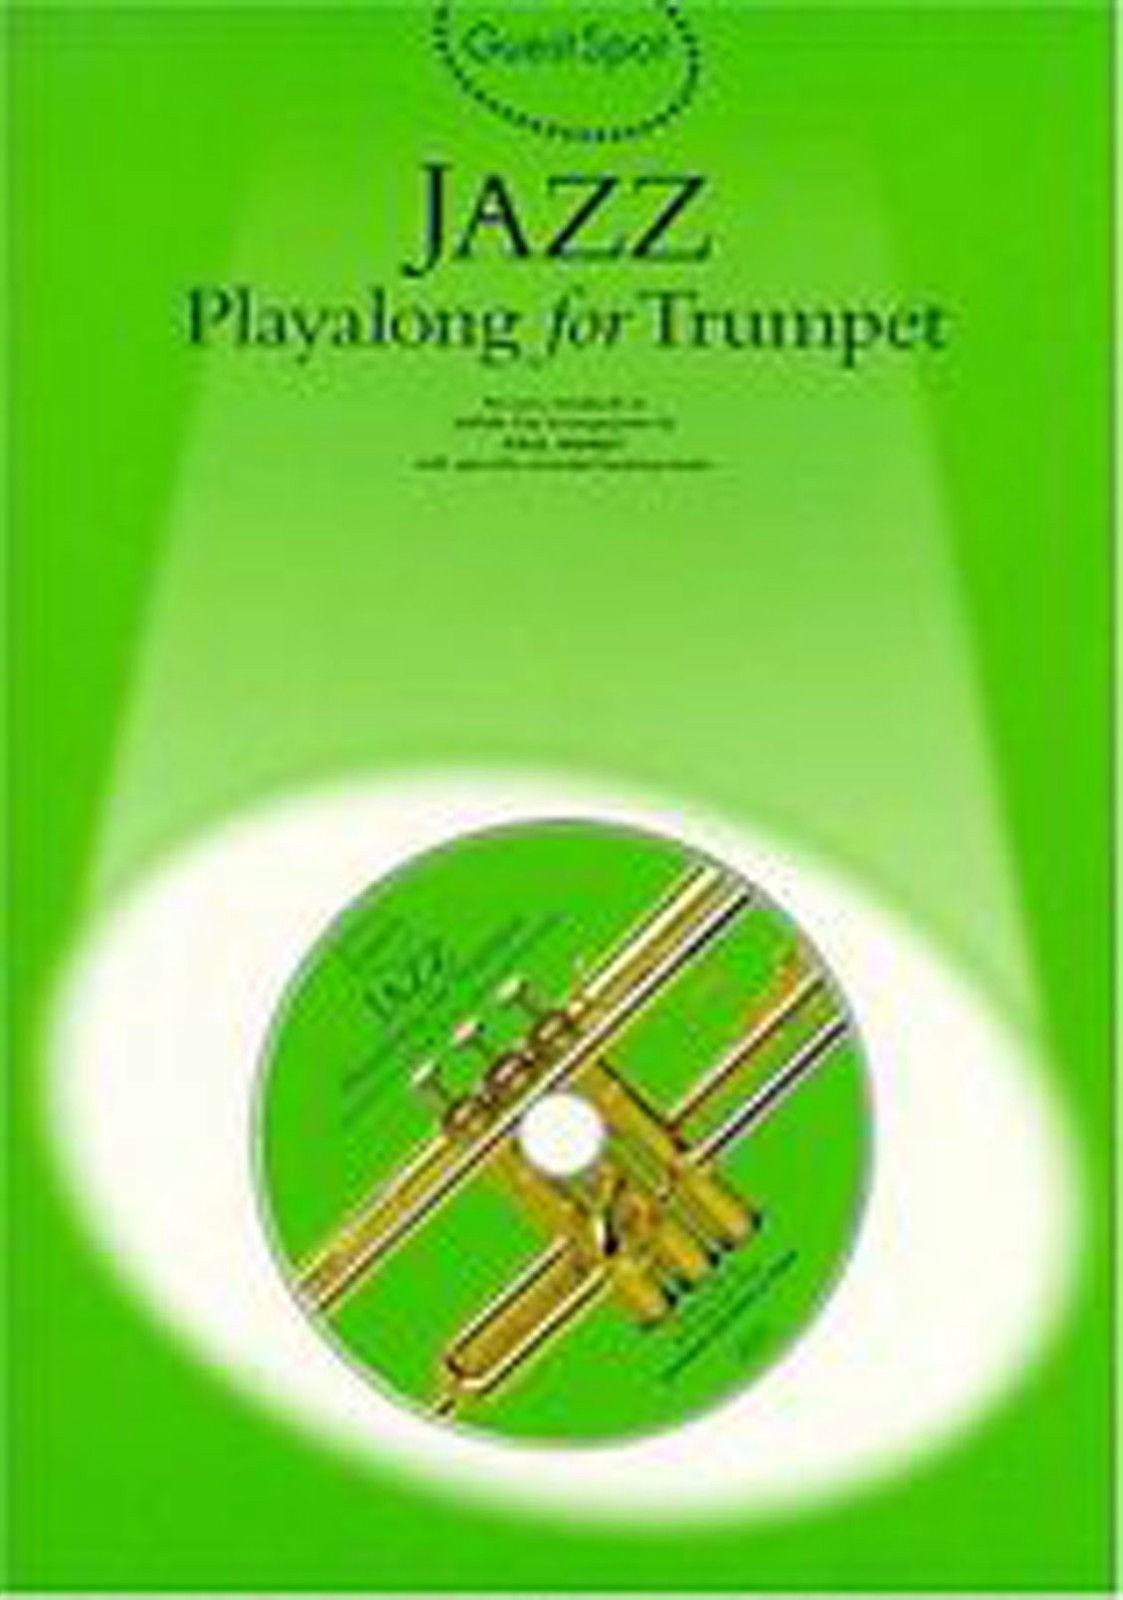 Guest Spot Jazz Playalong Trumpet Book CD Grade 2-4 Easy Sheet Music B48 S60